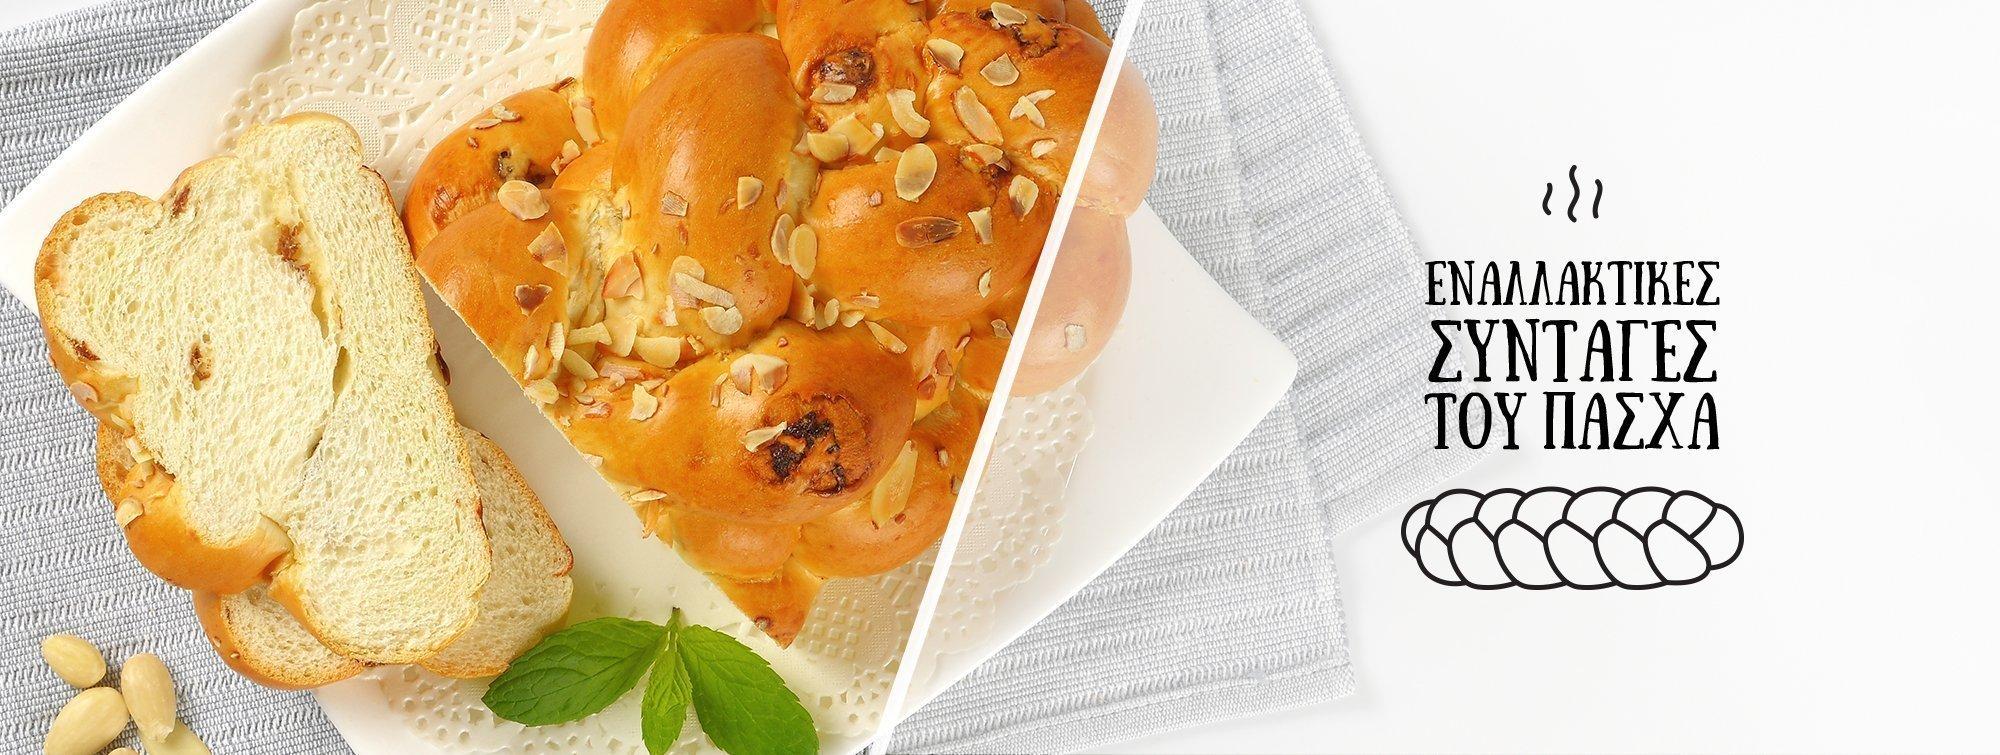 Εναλλακτικές συνταγές του Πάσχα!